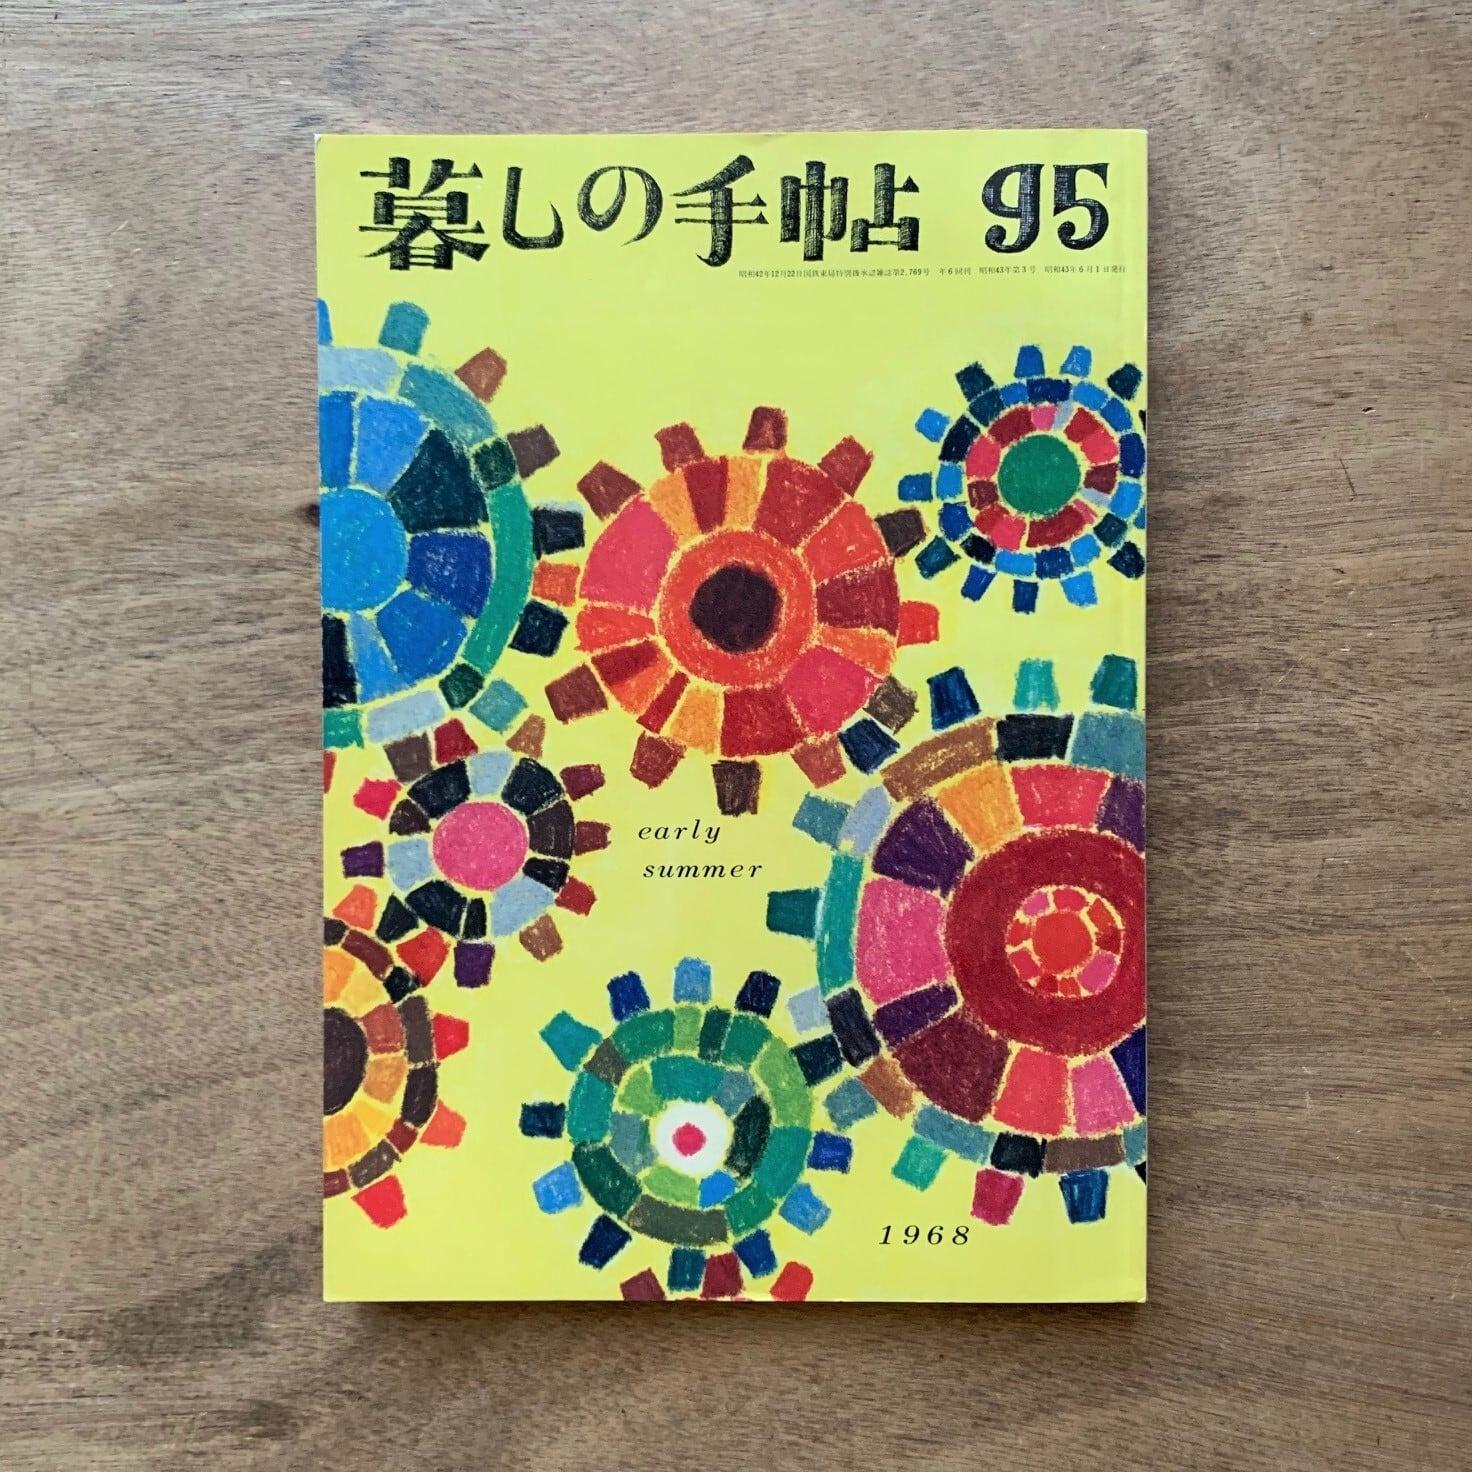 暮しの手帖  /  第一世紀95号  /  暮しの手帖社